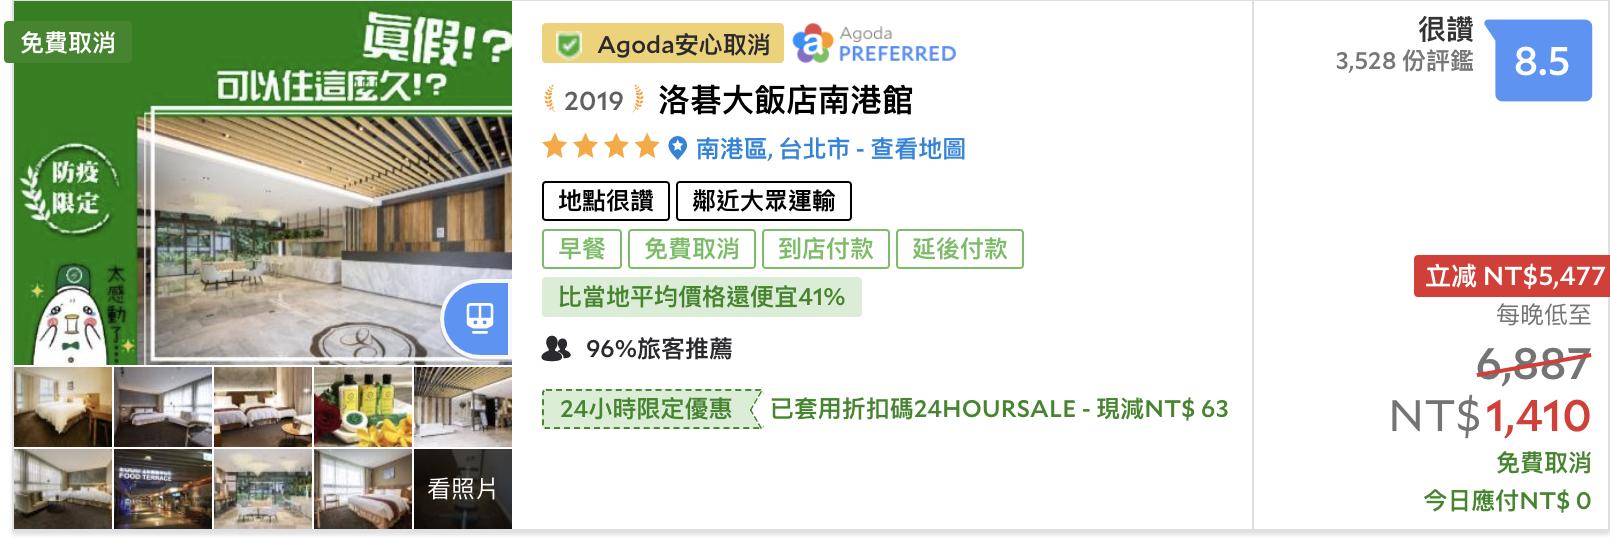 台北市區2K以內可入住高評分旅店推薦,也有幾間五星在裡頭!